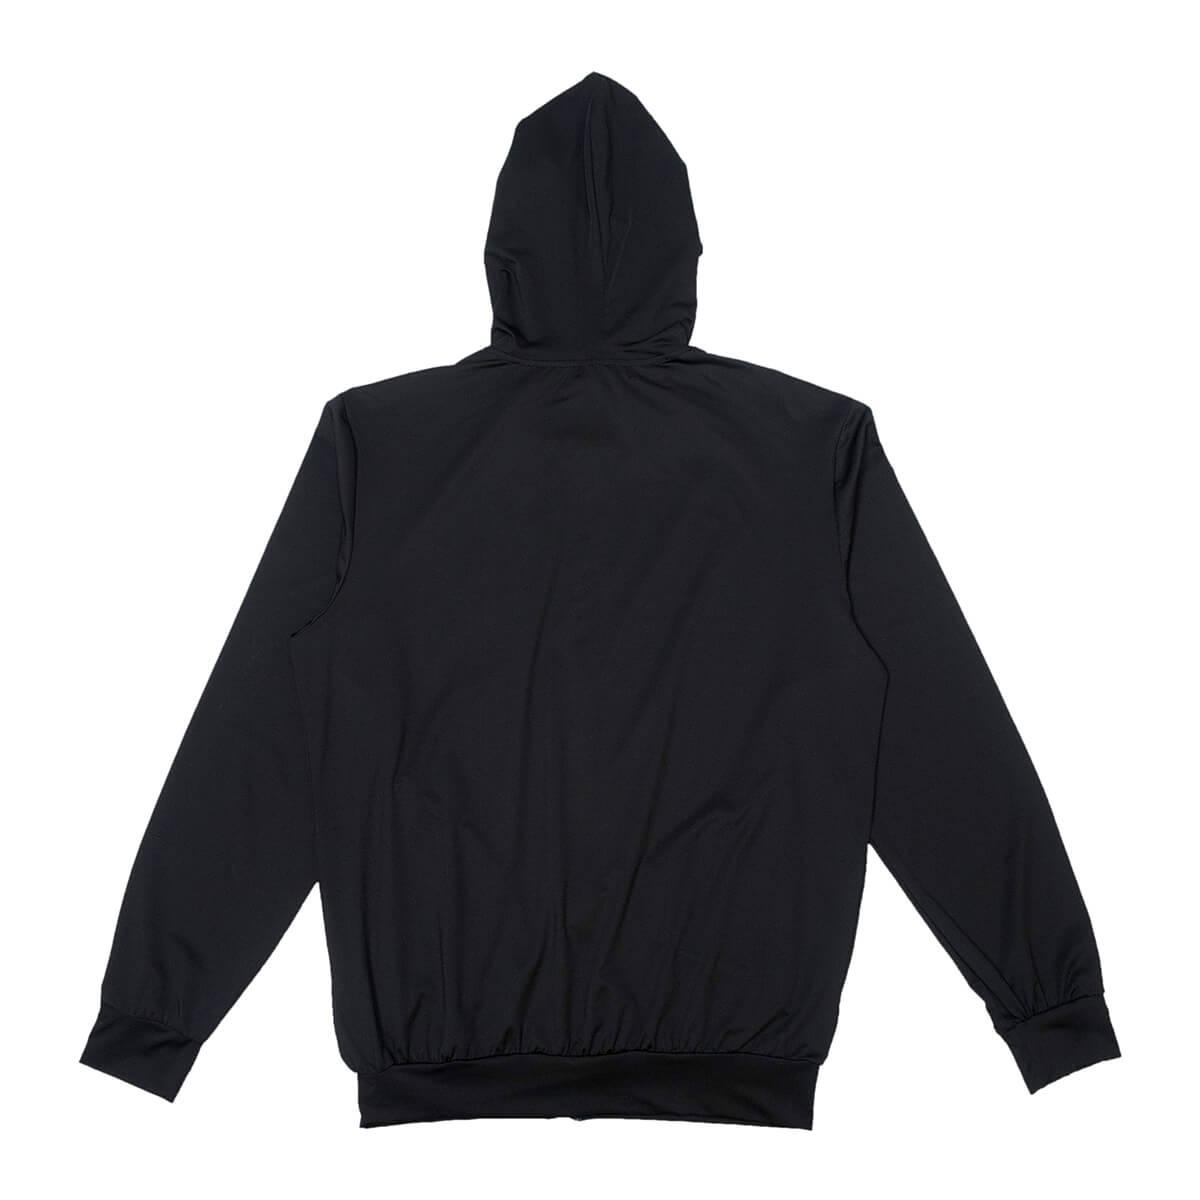 加大尺碼防曬外套 防風遮陽薄外套 柔軟輕薄休閒外套 連帽外套 運動外套 黑色外套 Sun Protection Jackets Mens Jackets Casual Jackets (321-0516_0517-21)黑色、(321-0516_0517-22)紋理灰 3L 4L 5L 6L (胸圍122~140公分  48~55英吋) 男 [實體店面保障] sun-e 2